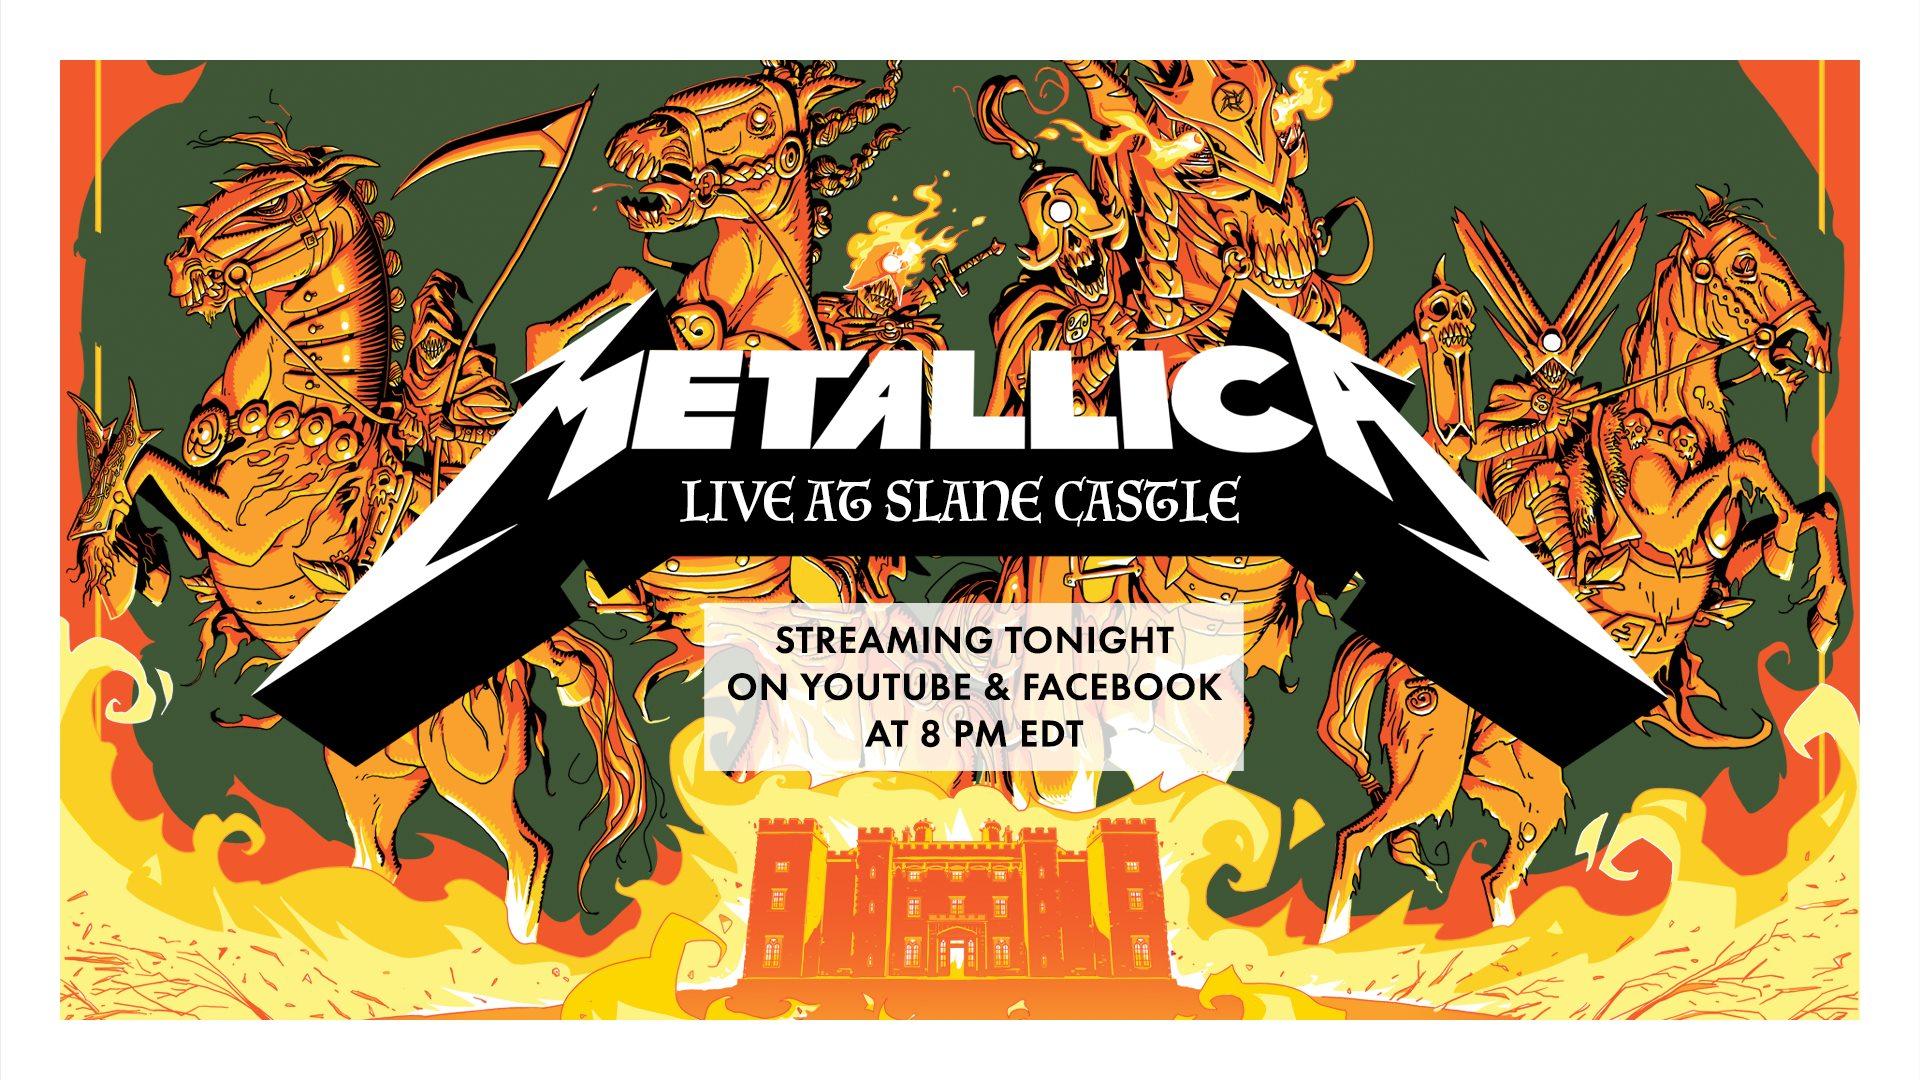 Conciertos de Metallica GRATIS todos los martes a las 1 A.M